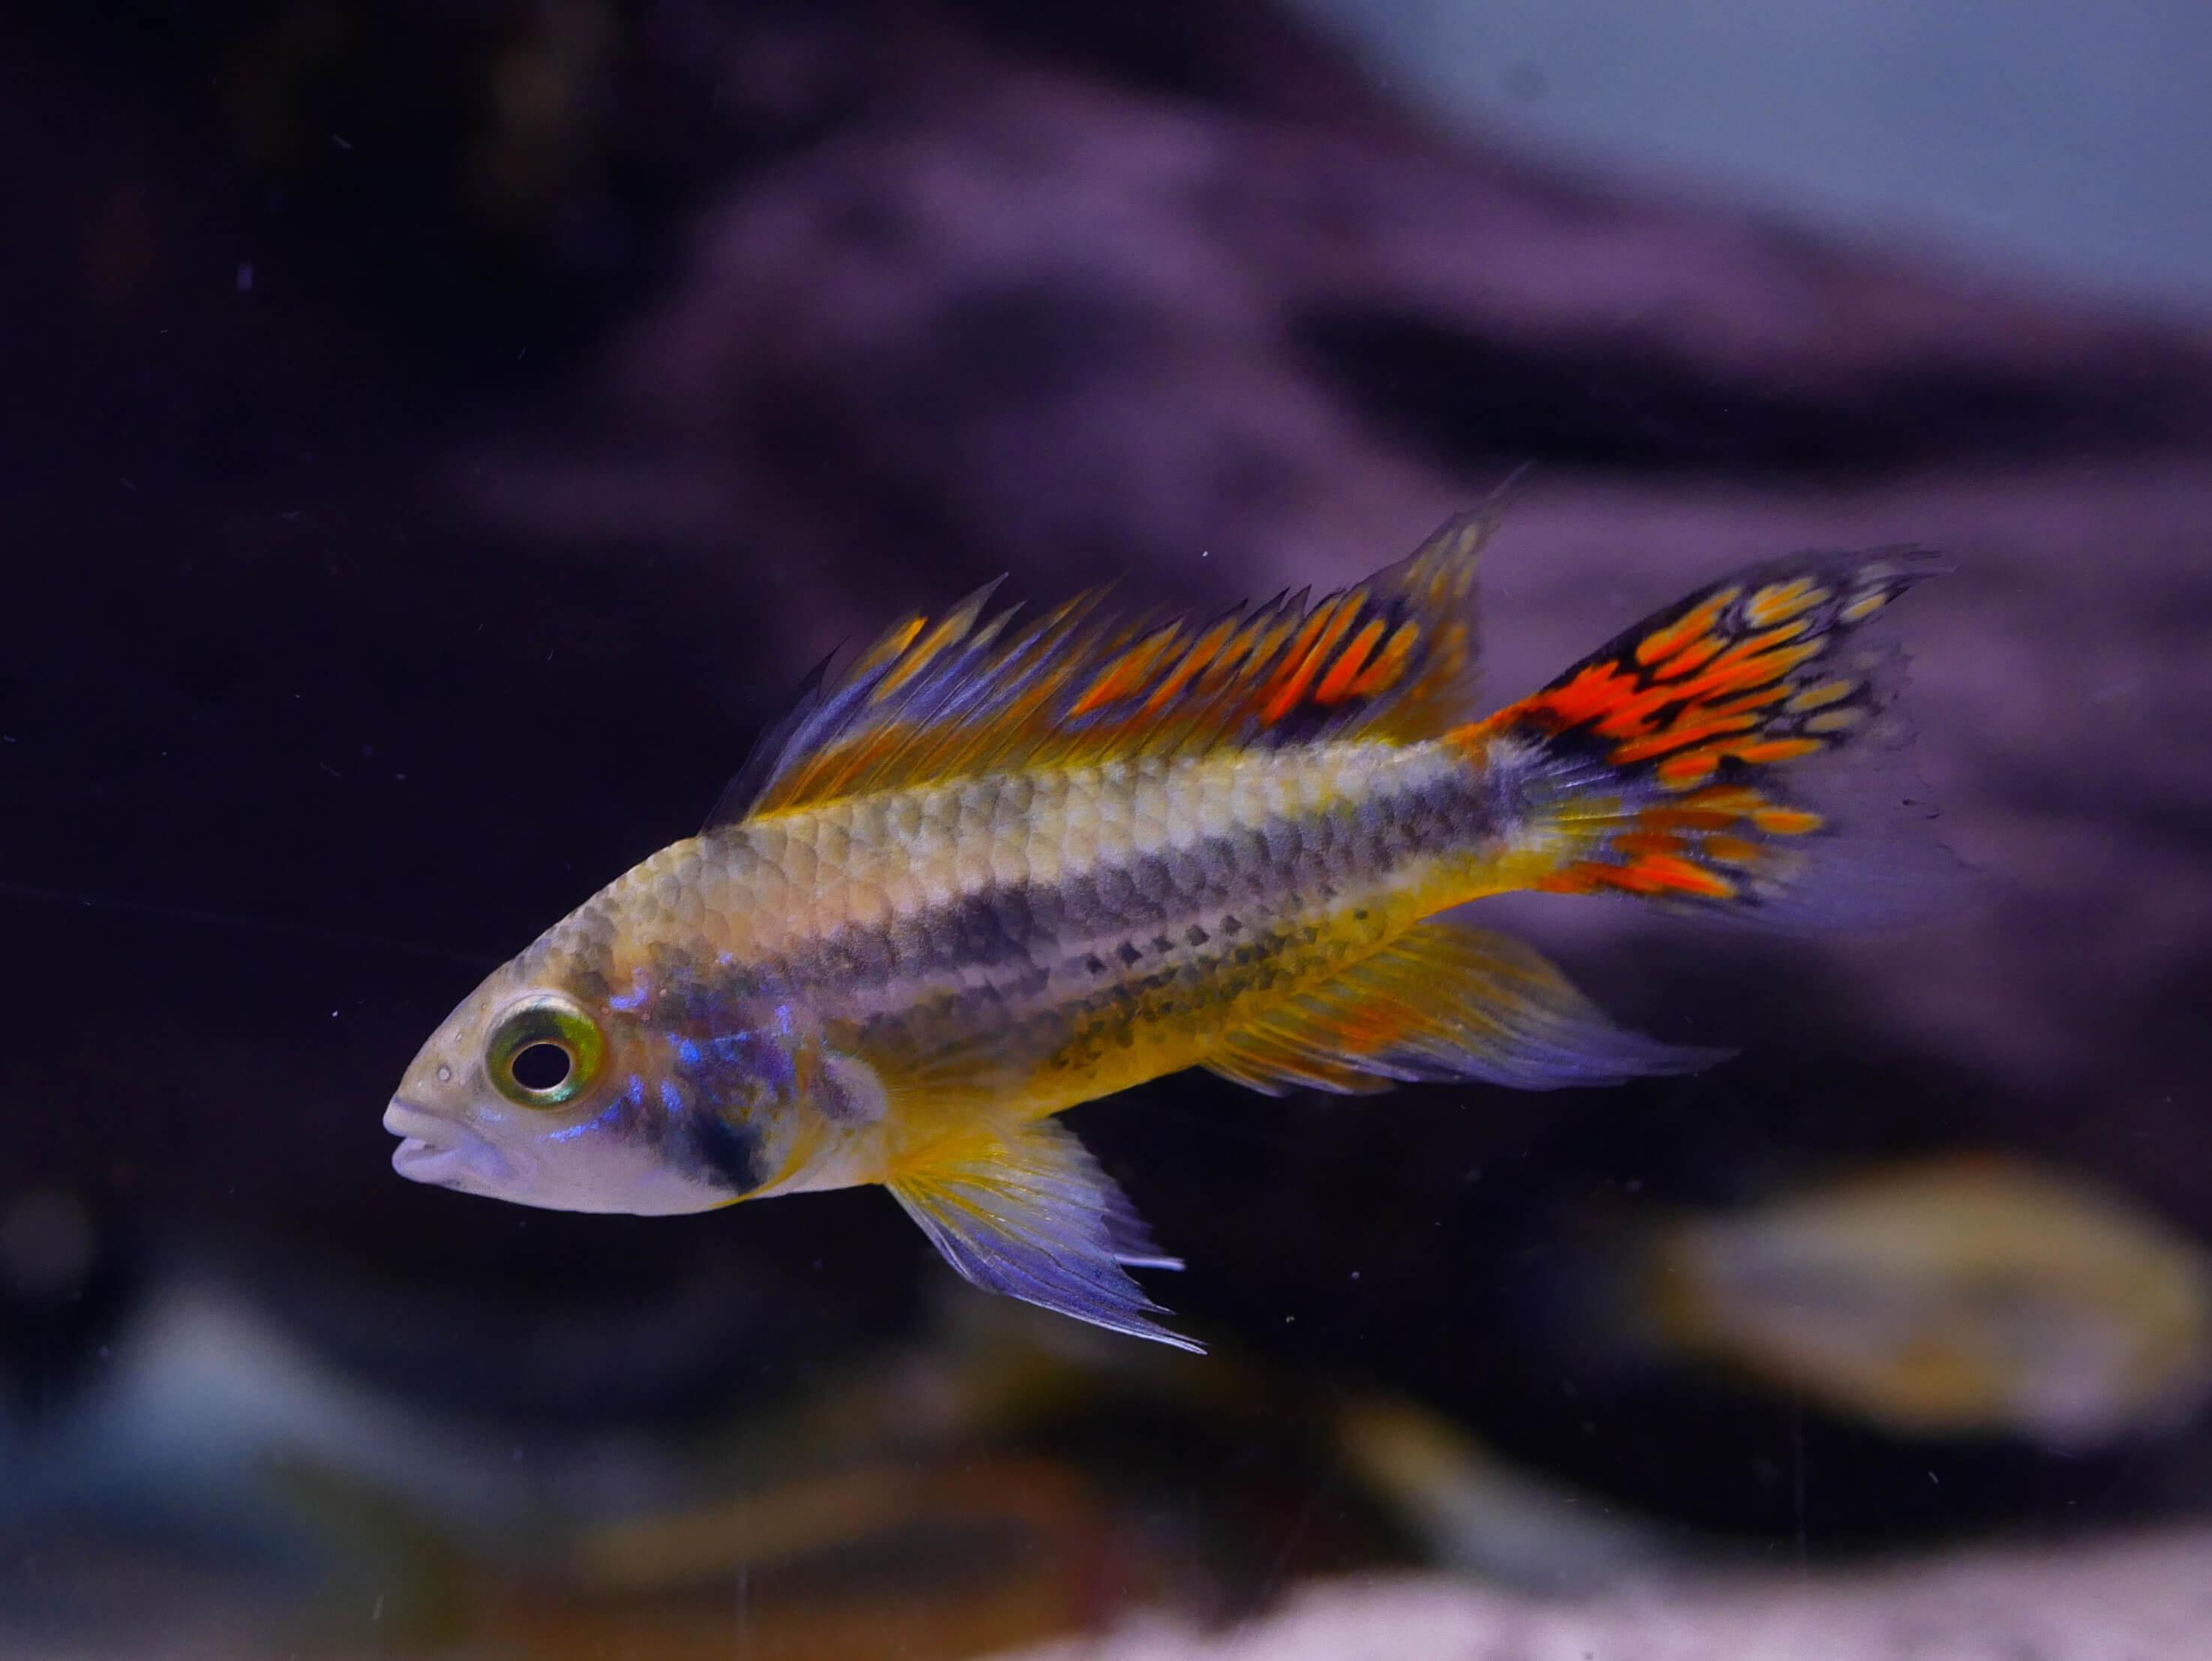 Ici, un mâle Apistogramma cacatuoides reconnaissable notamment grâce à ses nageoires richement colorées.